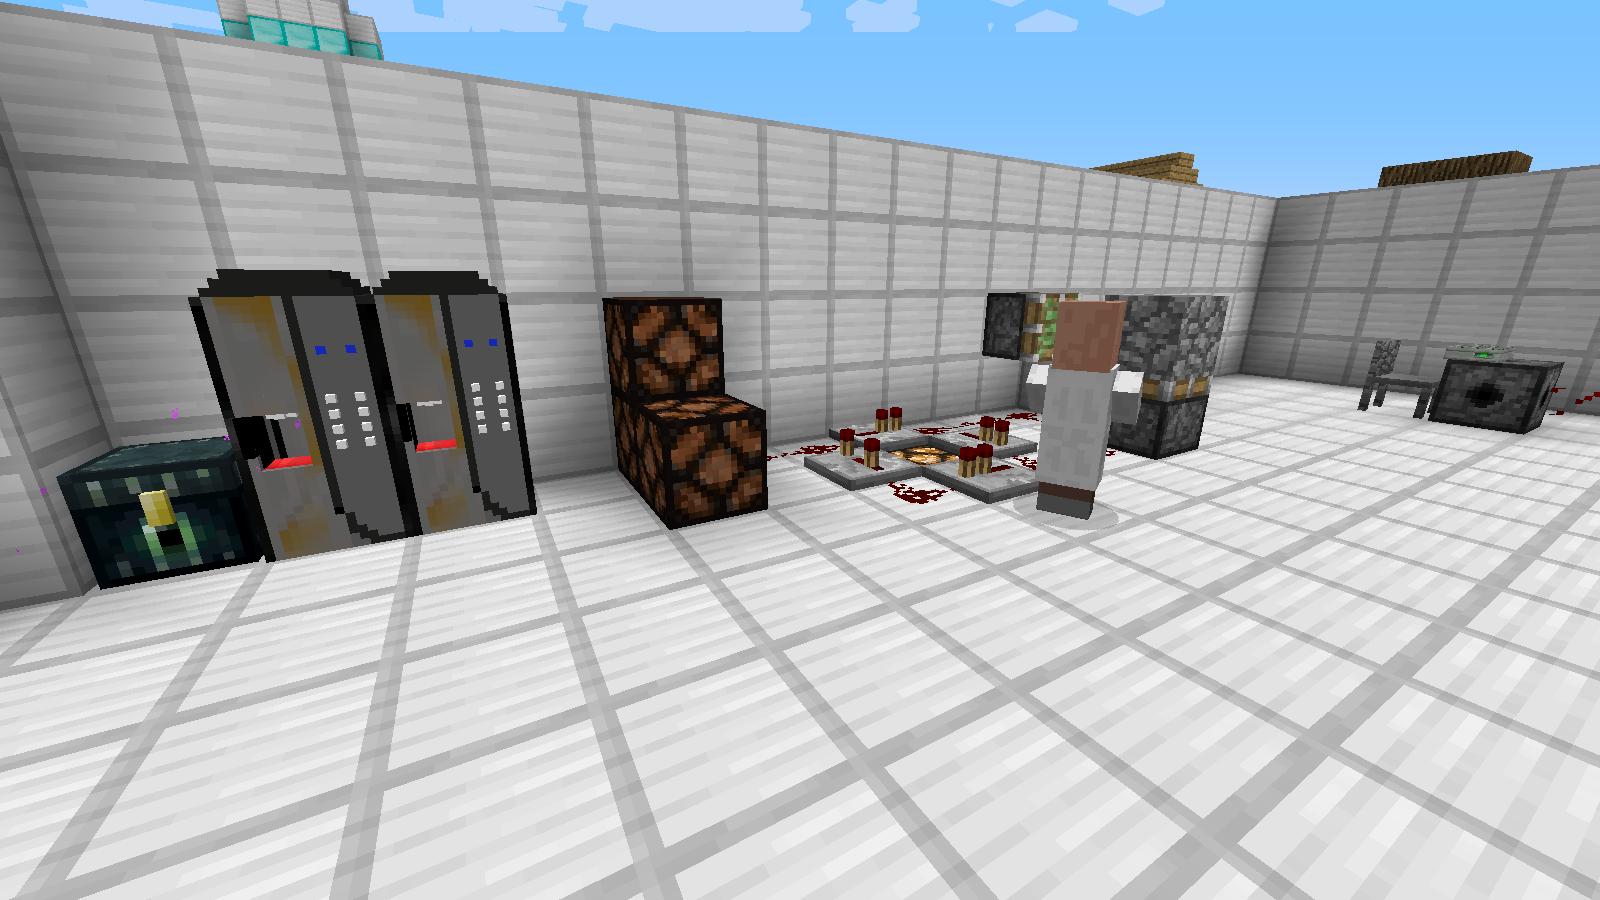 как можно построить в майнкрафт механическая лаборатория бкмэна